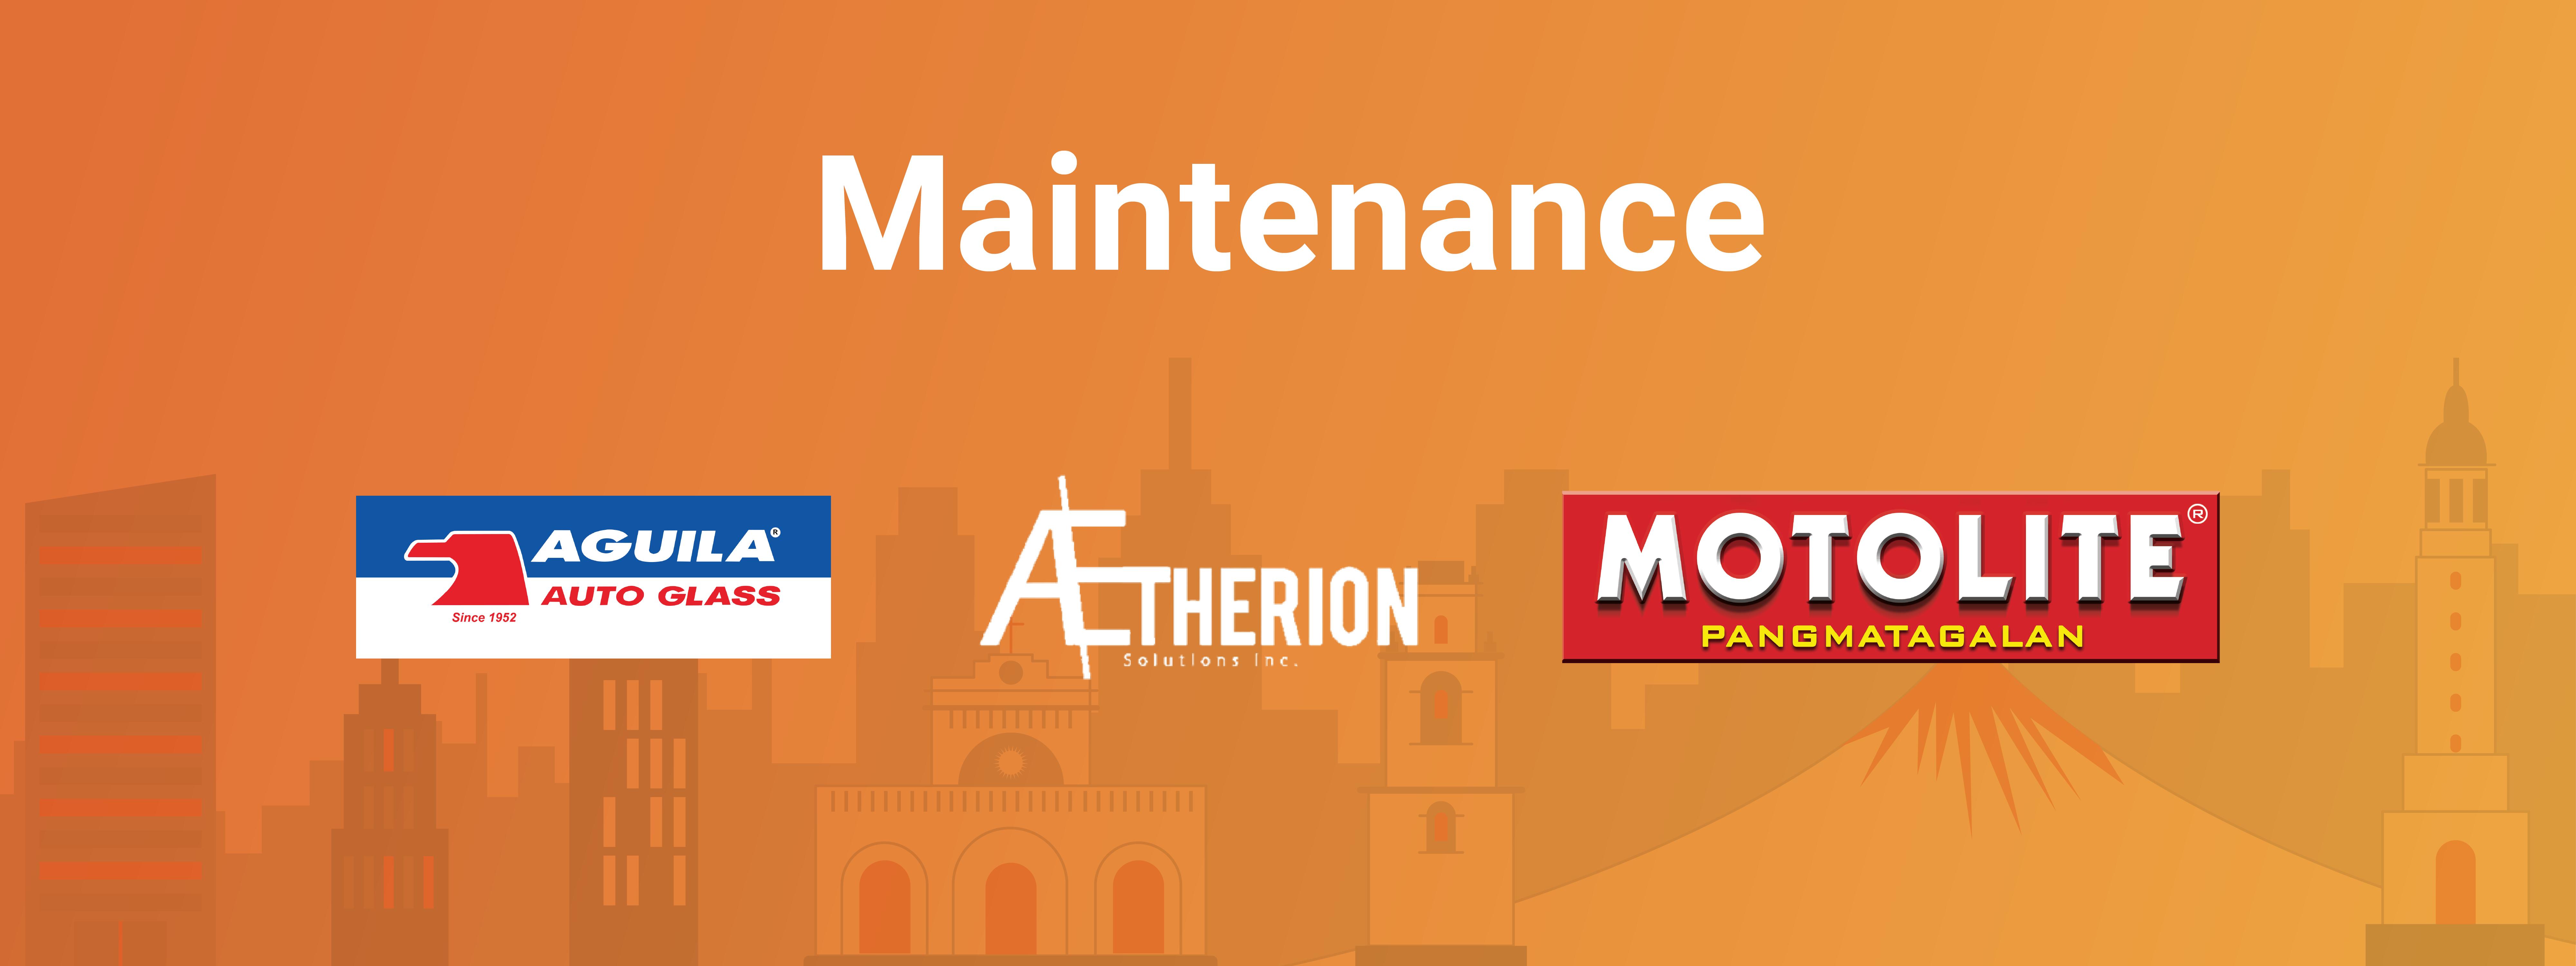 Panalomove_Slider_Maintenance-07